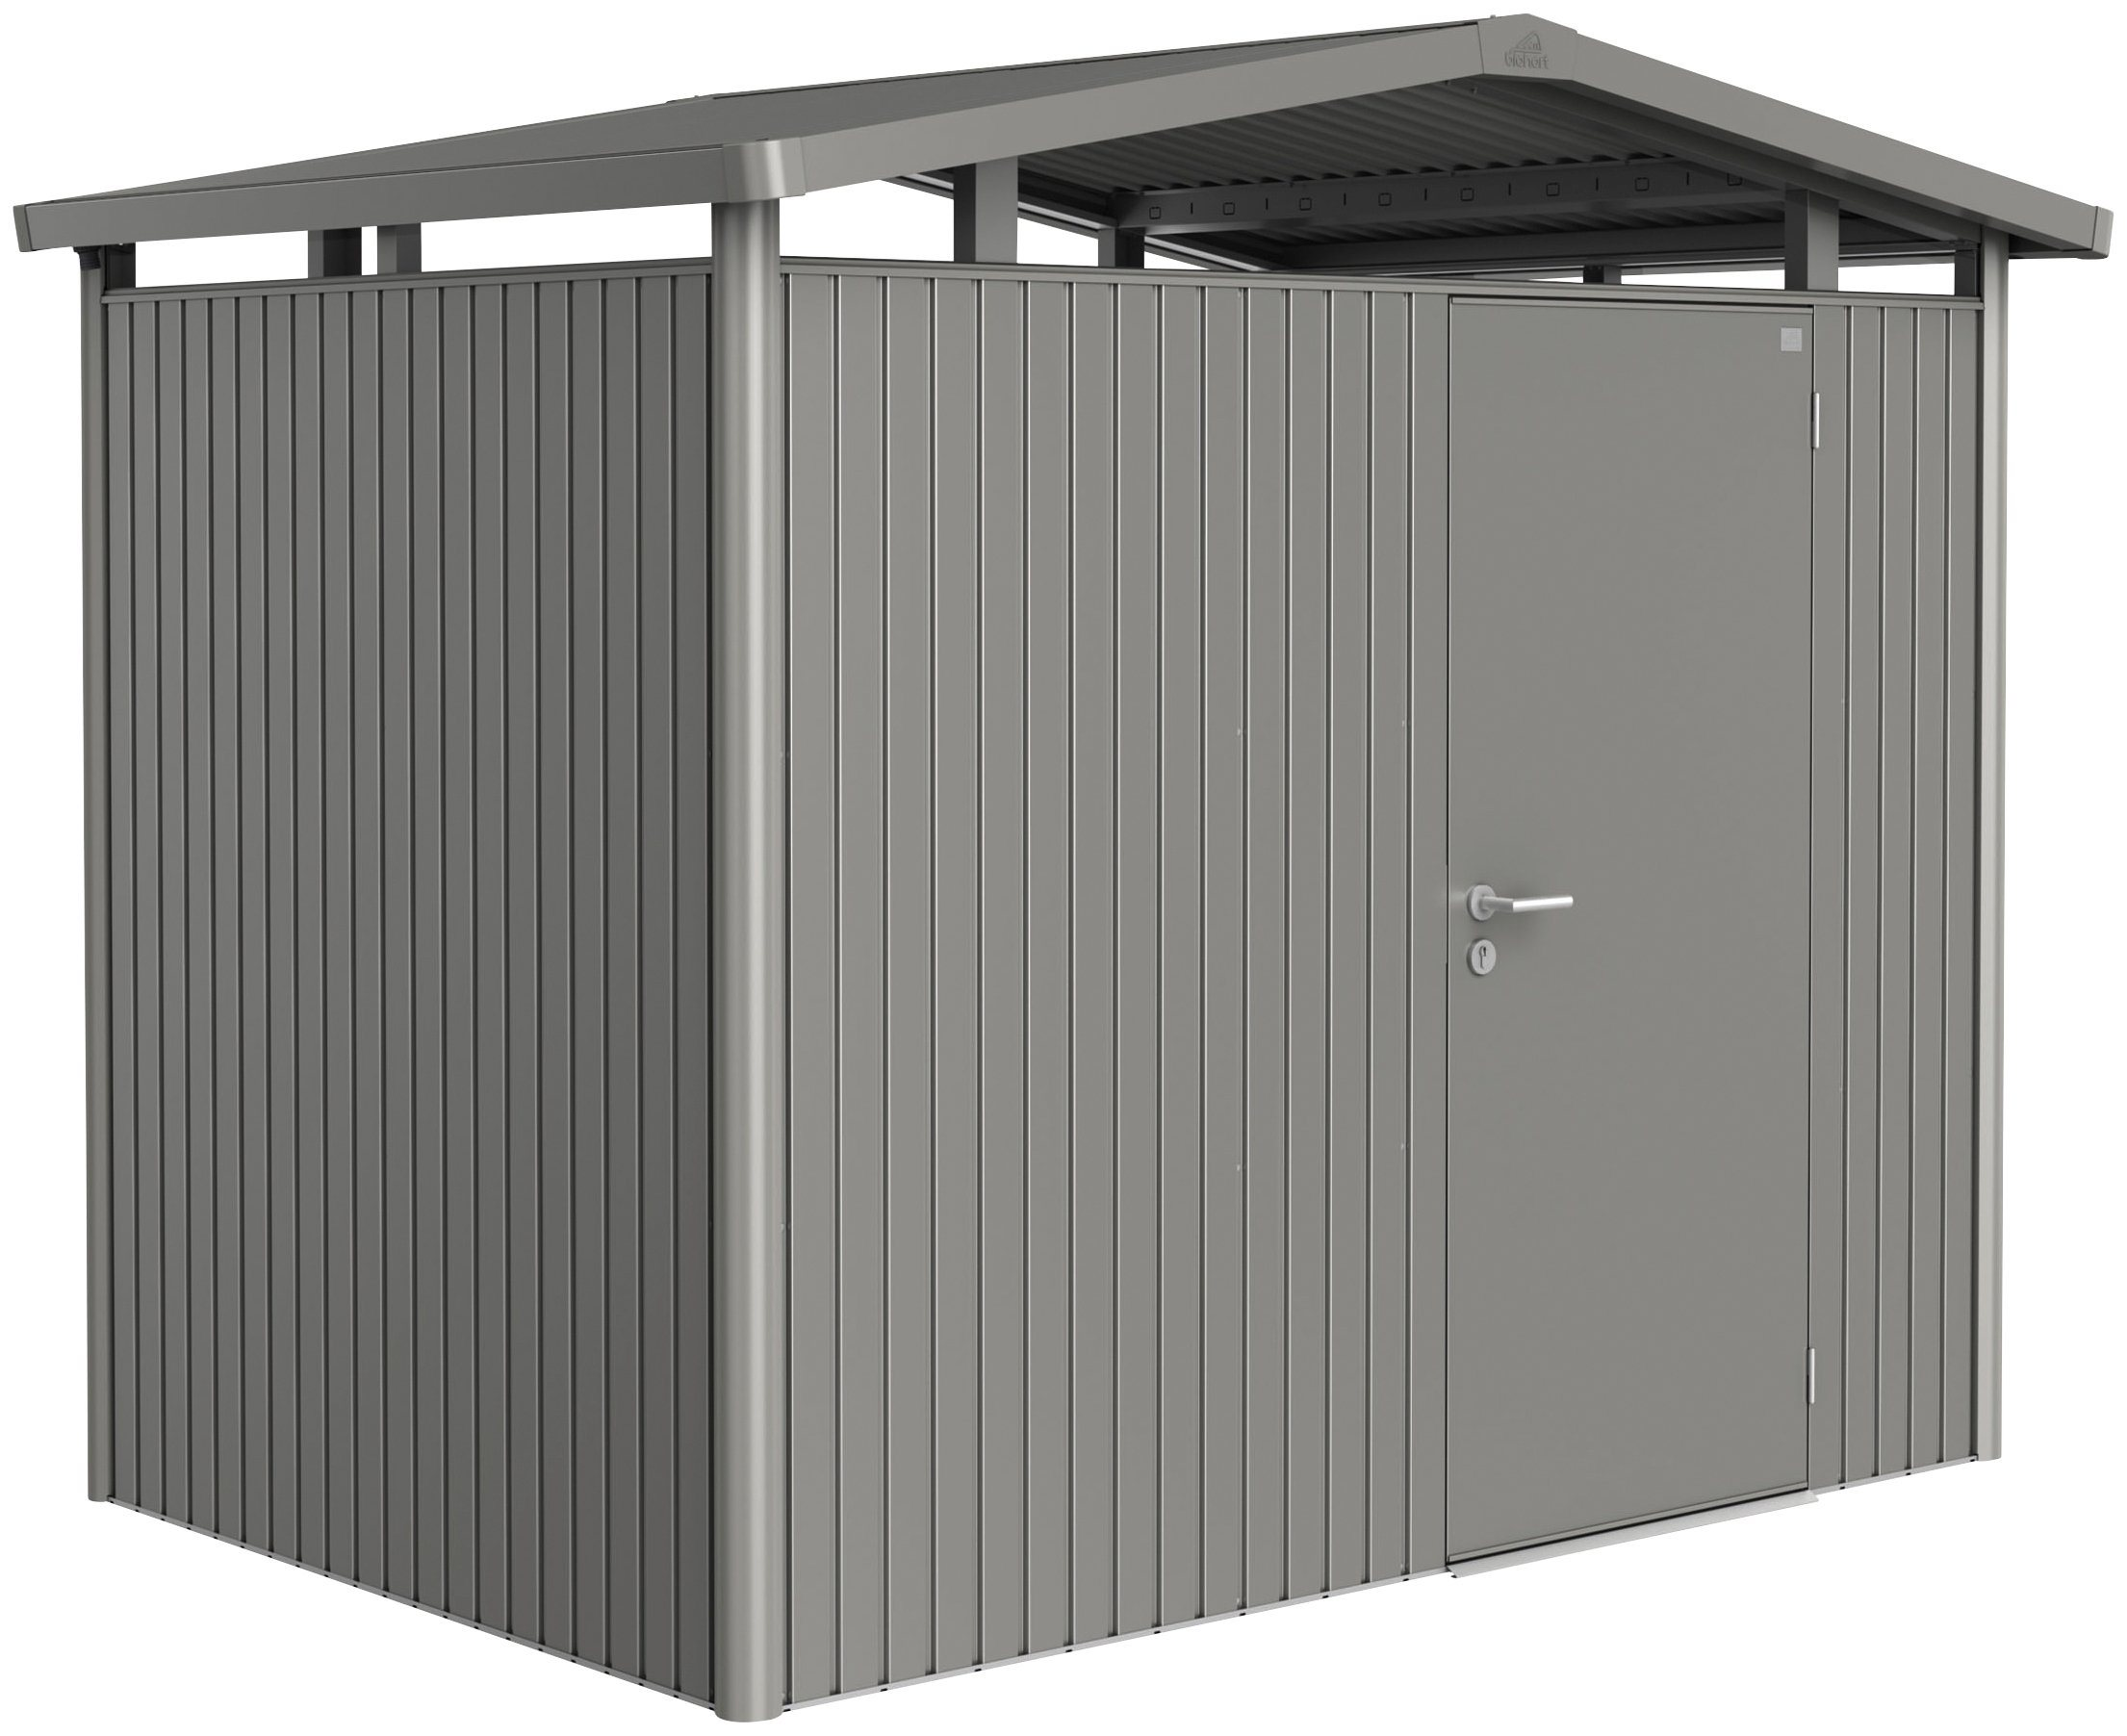 BIOHORT Stahlgerätehaus »Panorama P2«, quarzgrau-metallic, BxT: 273x198 cm | Garten > Gerätehäuser | Biohort